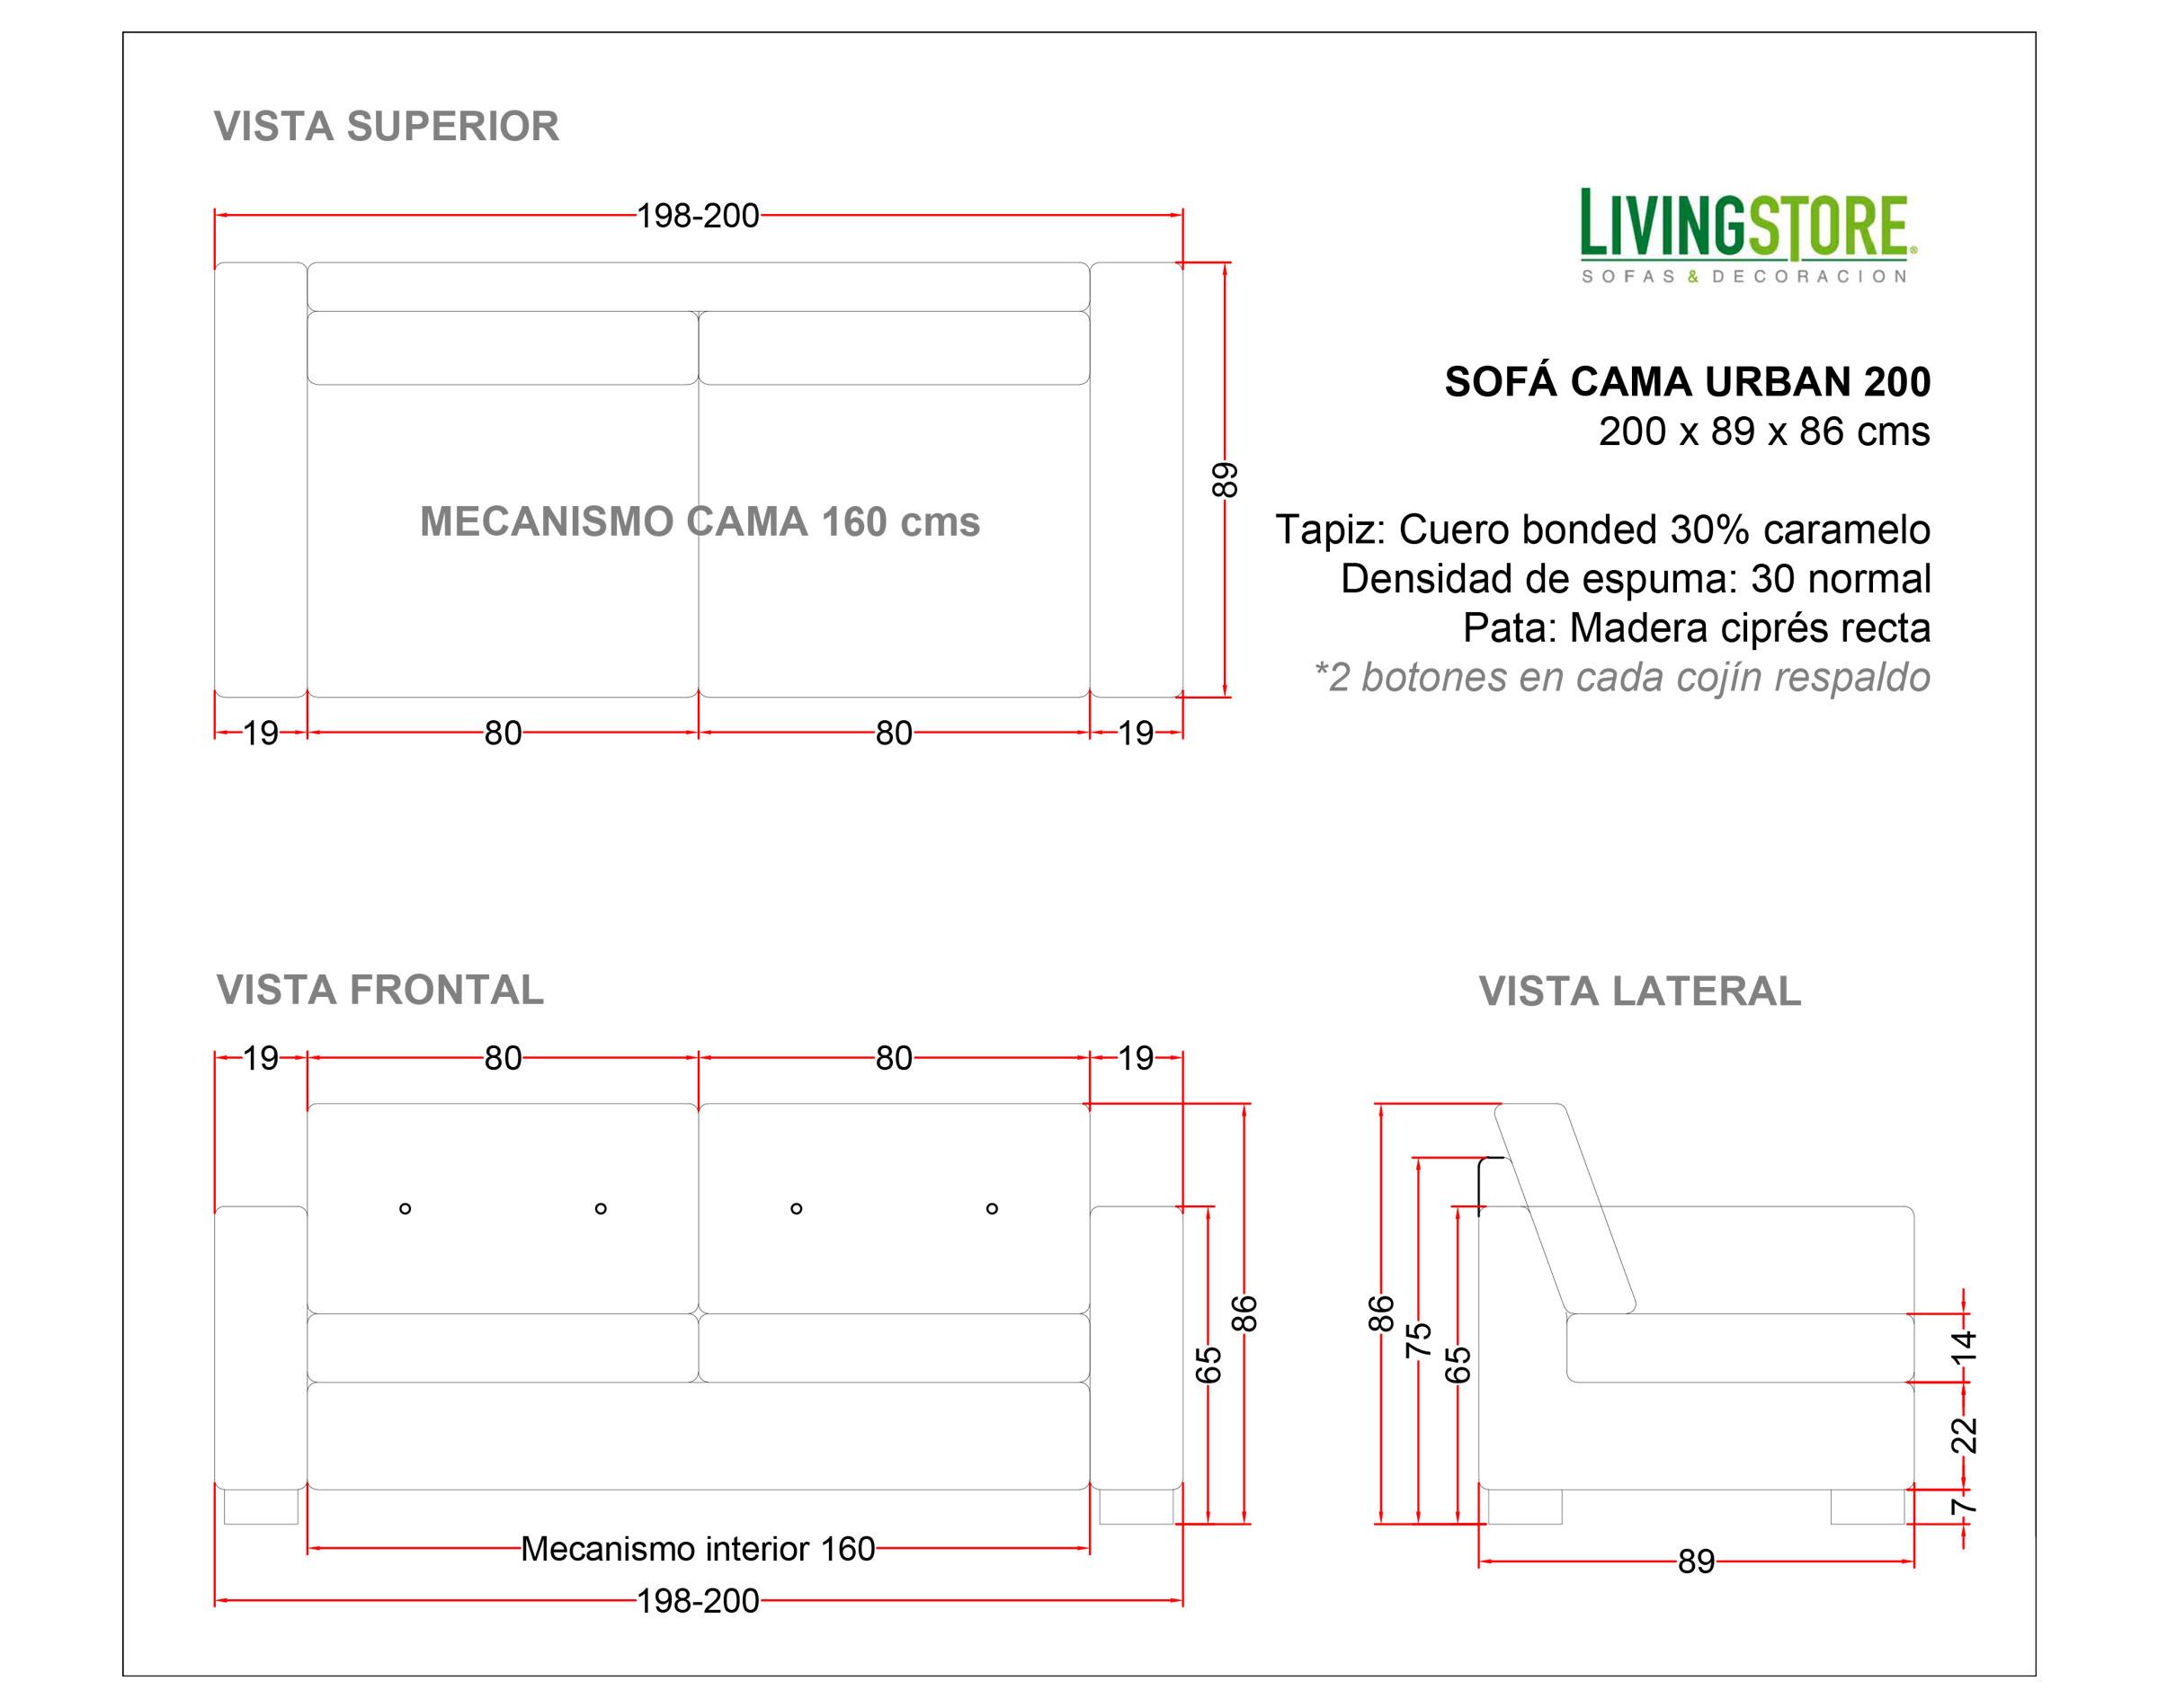 Planimetria Sofa 200 Cms Cuero Bonded